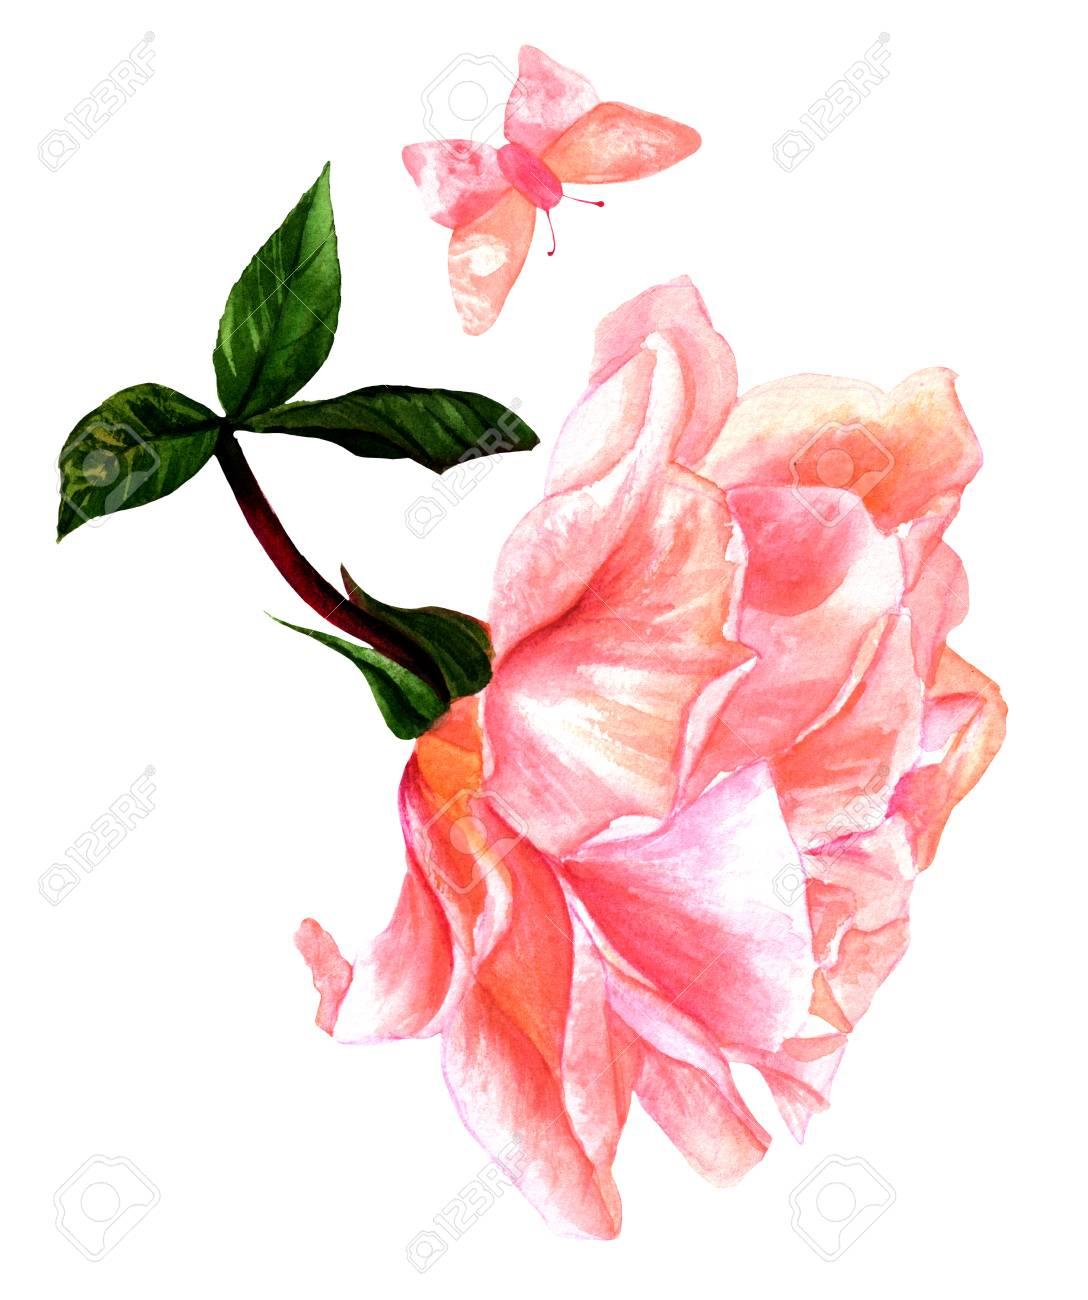 Dessin Aquarelle De Tendre Rose Fleur Rose Avec Papillon Isole Sur